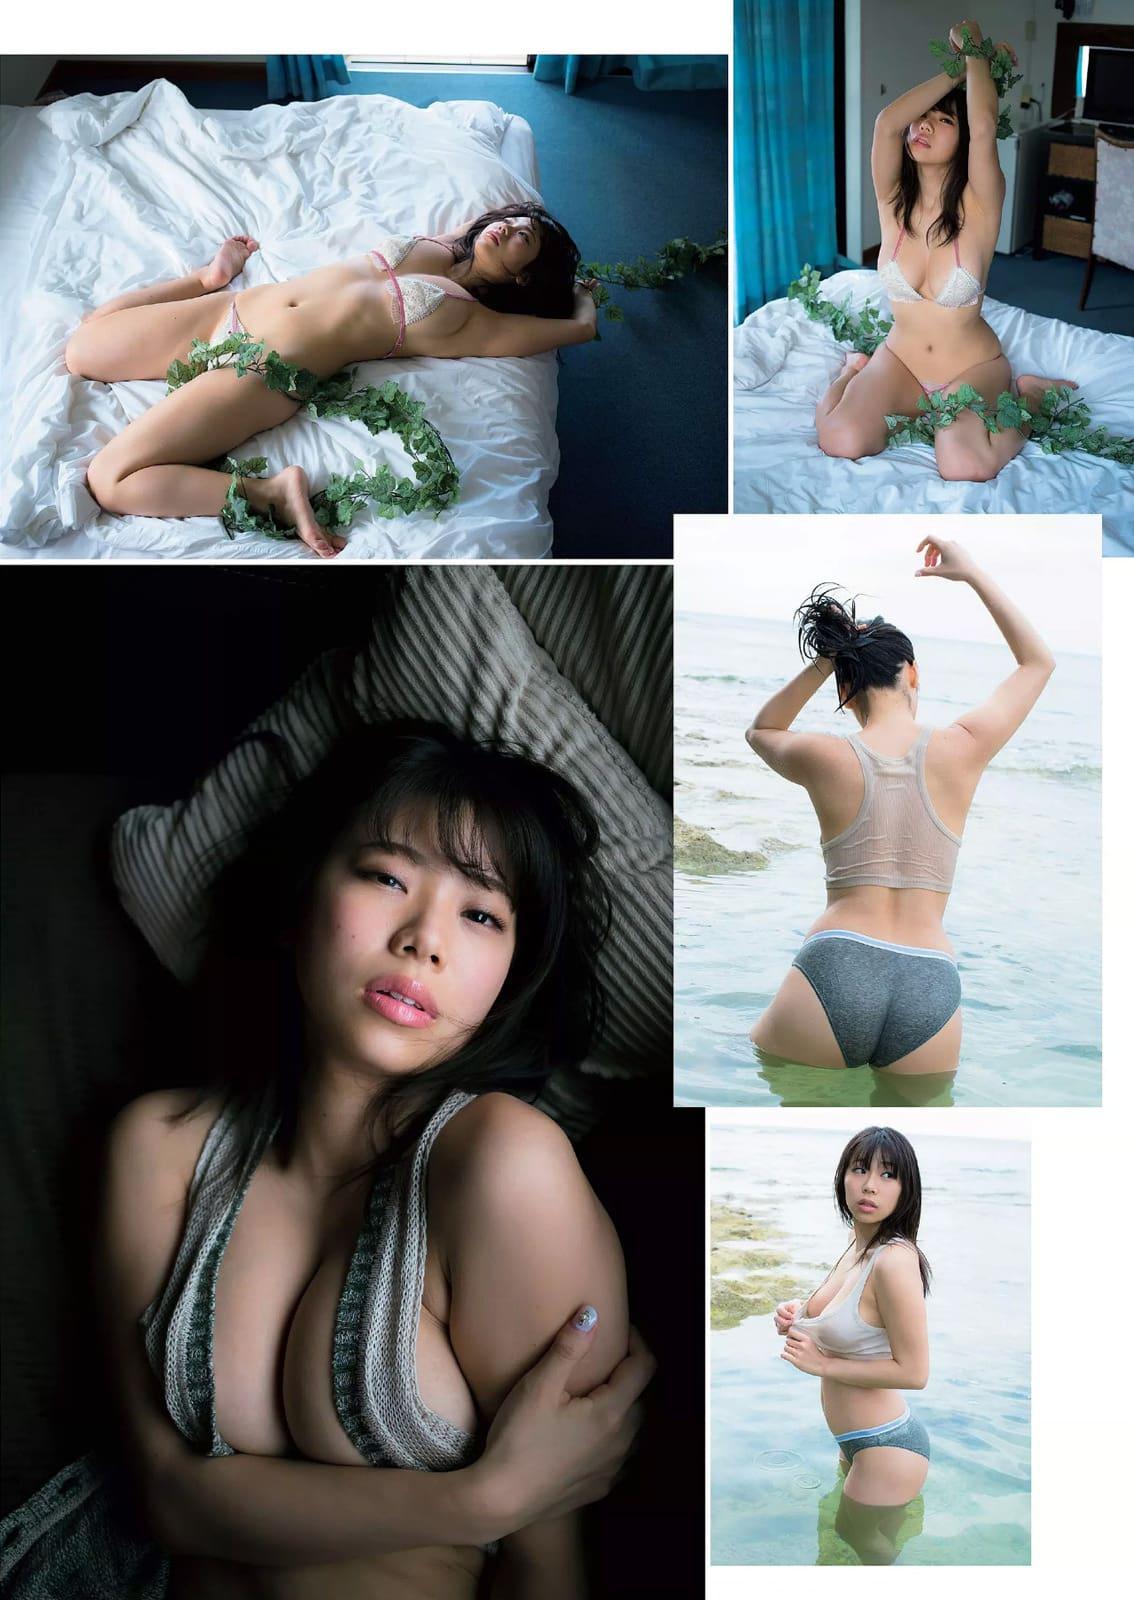 「週刊プレイボーイ 2016 No.23」鈴木ふみ奈の下着グラビア